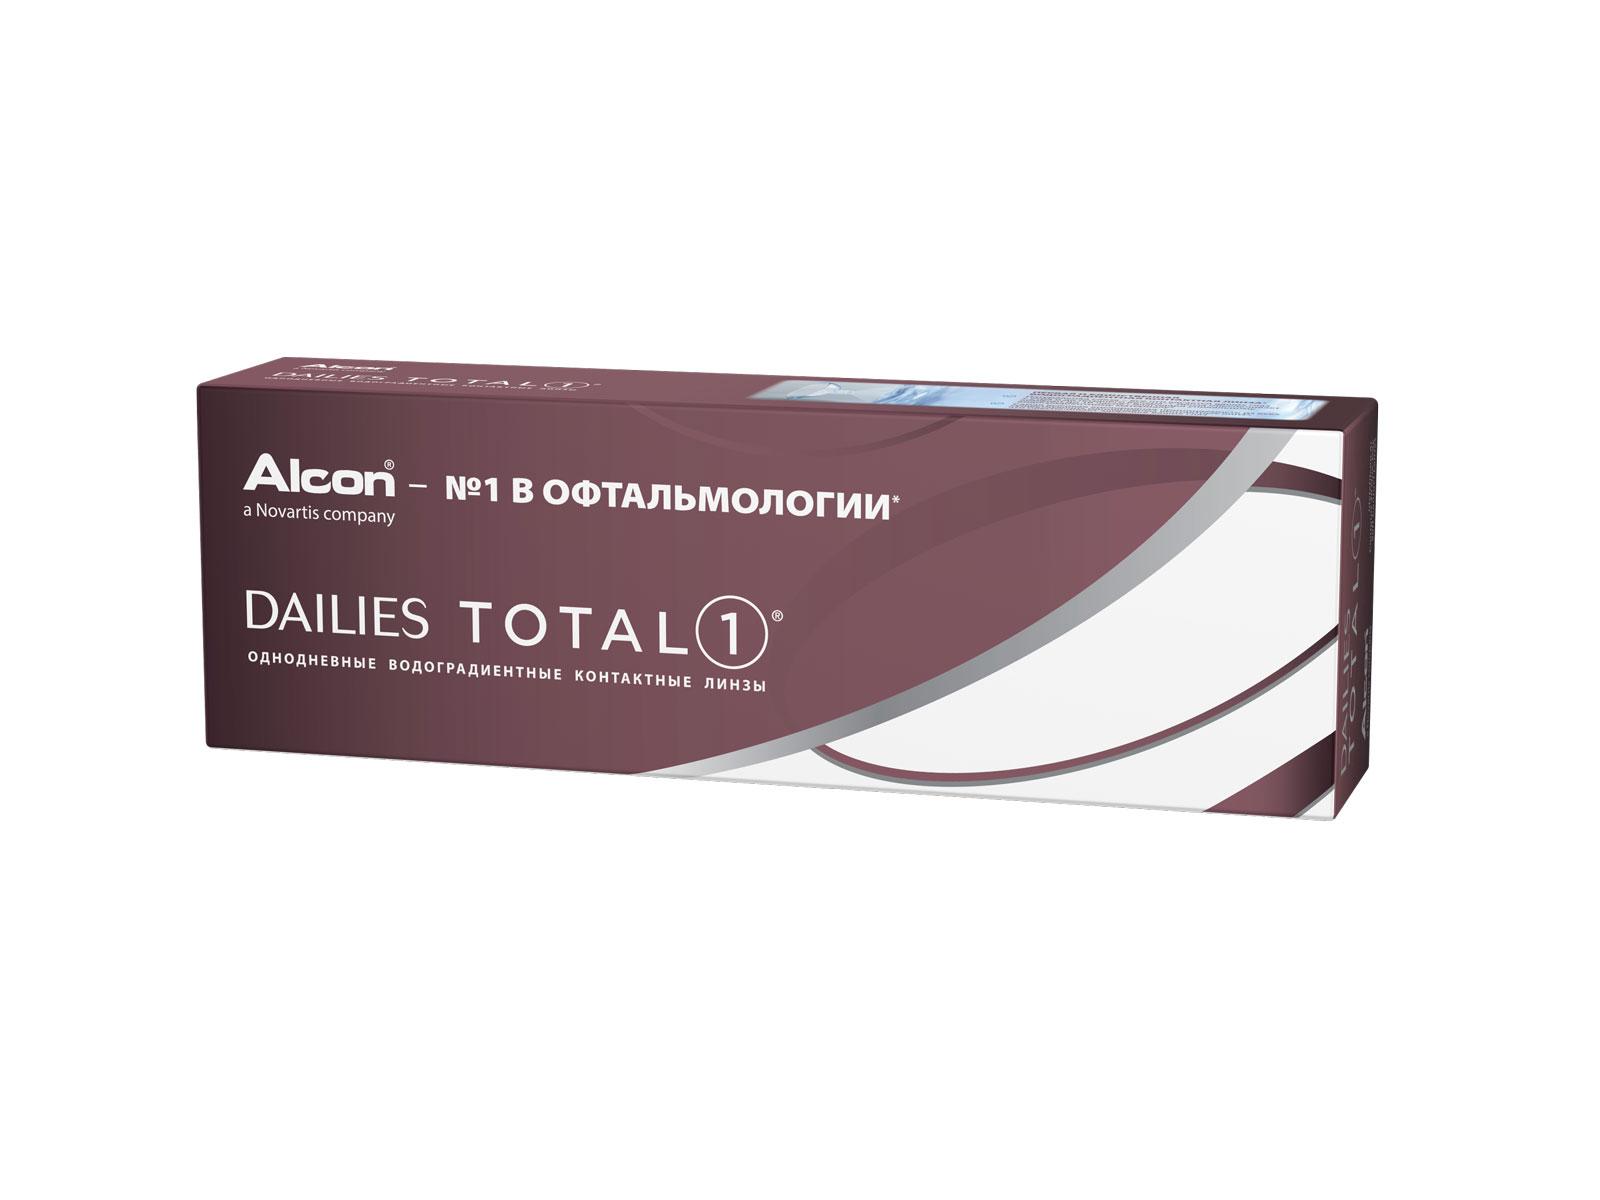 Alcon контактные линзы Dailies Total 1 30pk /+4.00 / 8.5 / 14.1100048361Dailies Total 1 – линзы, которые не чувствуешь с утра и до поздного вечера. Эти однодневные контактные линзы выполнены из уникального водоградиентного материала, багодаря которому натуральная слеза – это все, что касается ваших глаз. Почти 100% влаги на поверхности обеспечивают непревзойденный комфорт до 16 часов ношения.